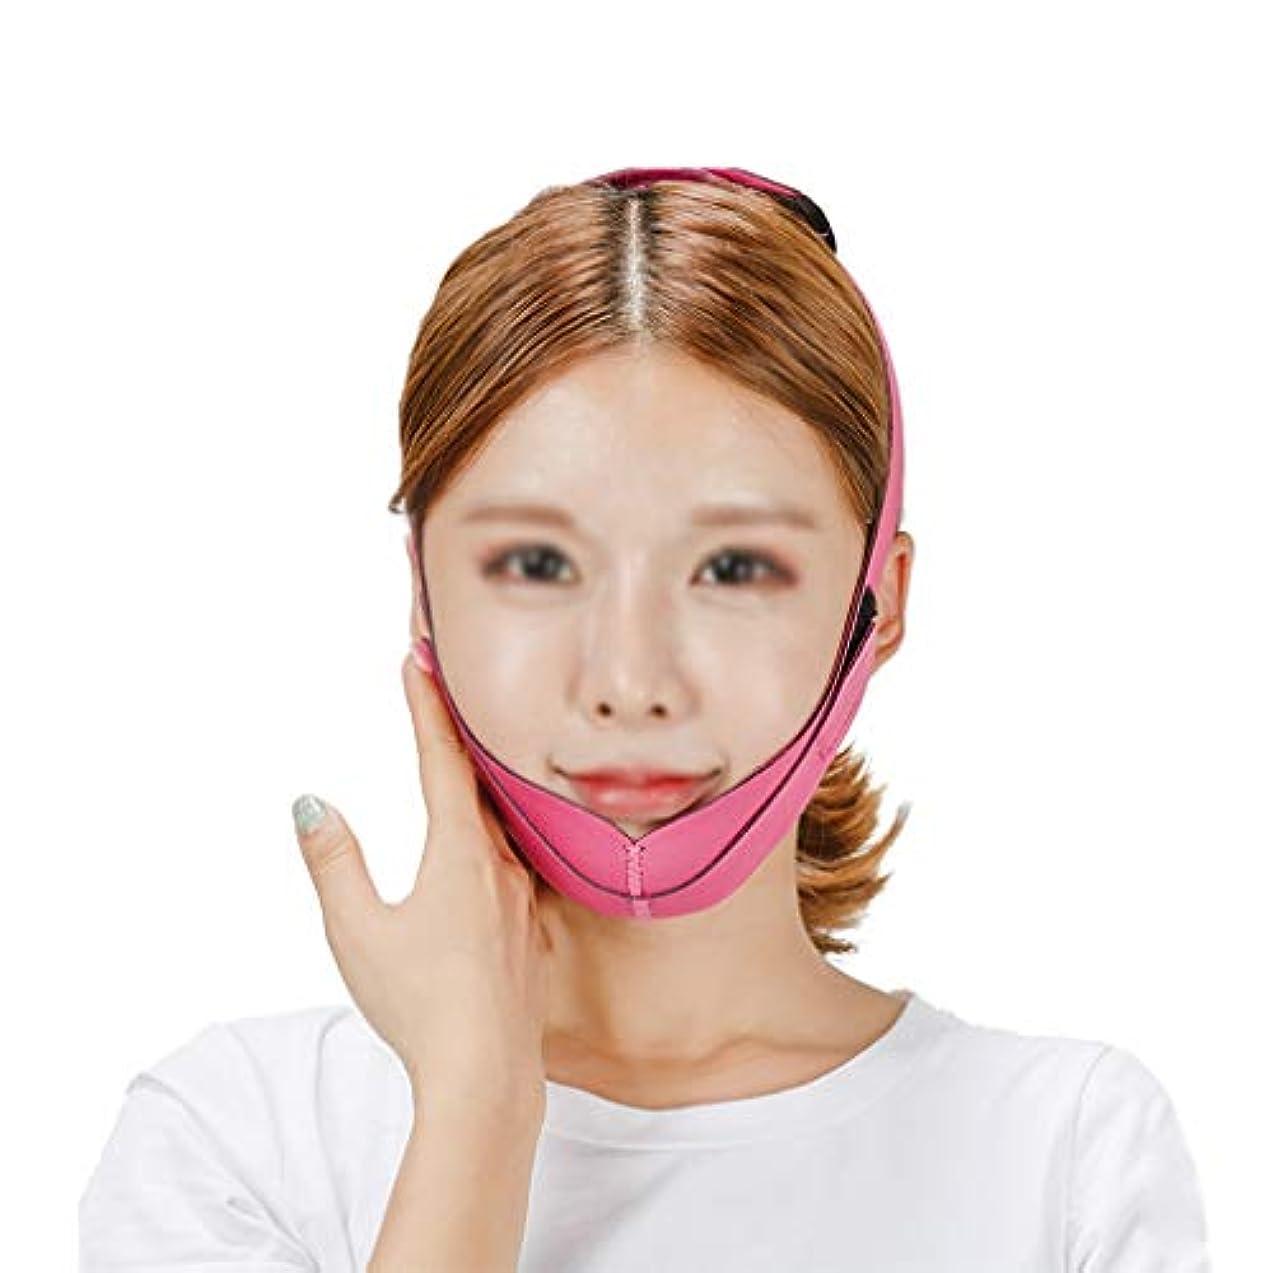 プレゼンテーション航空機つまらない超薄Vフェイスライン、フェイスリフティングマスク、Vフェイスリフティングとリフティングファーミングパターン、シェイピングフェイス、改善ダブルチン、ピンク、女性に適しています